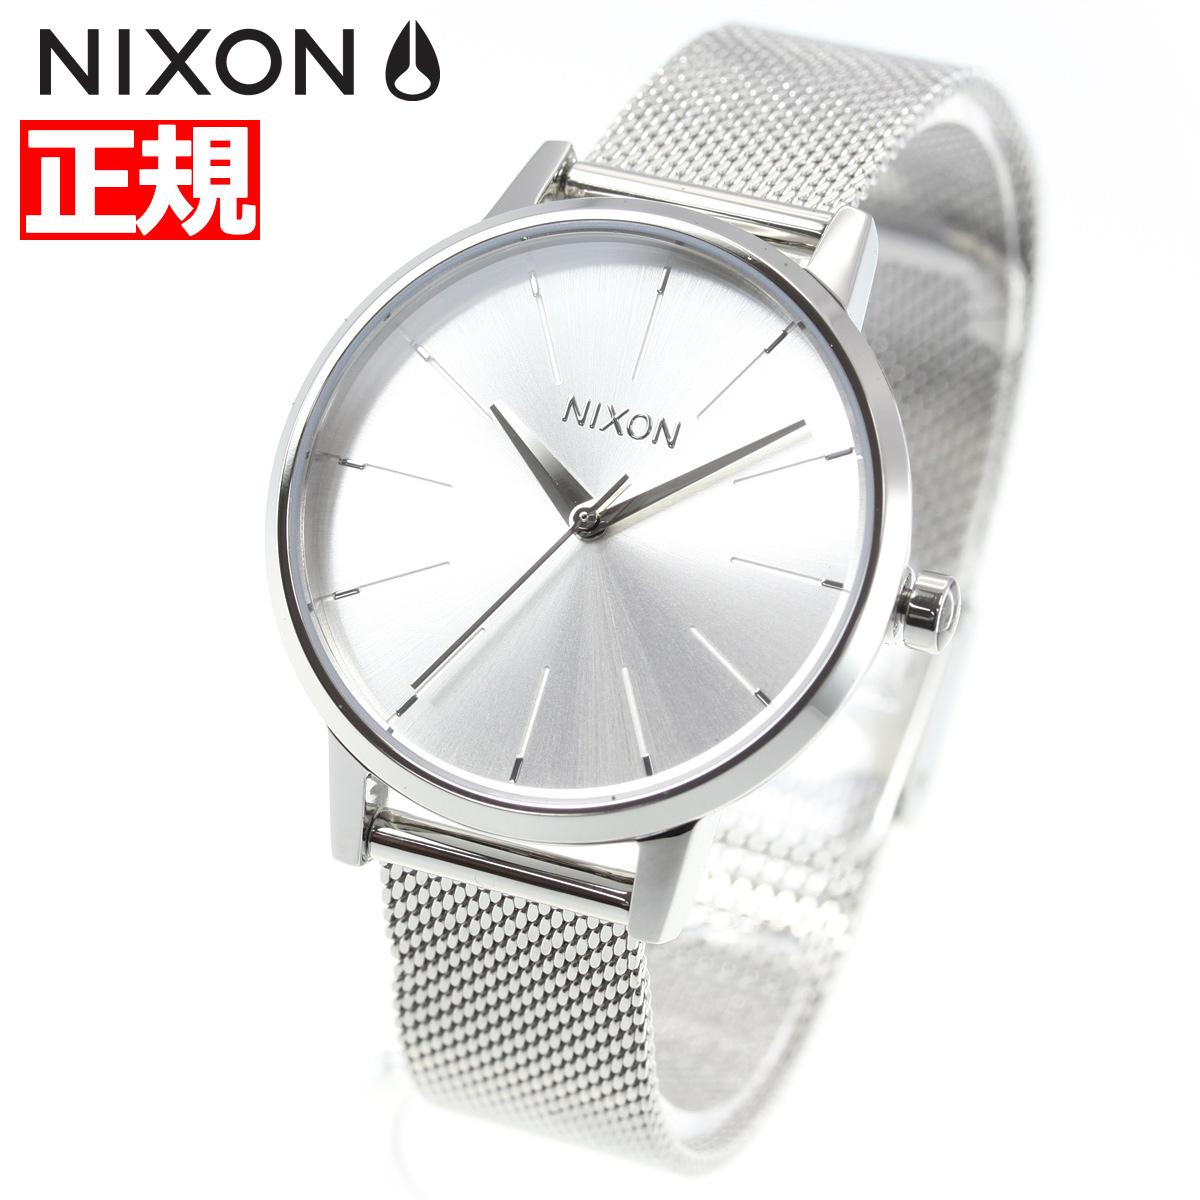 ニクソン NIXON ケンジントン ミラネーゼ KENSINGTON MILANESE 腕時計 レディース ALL SILVER NA12291920-00【2018 新作】